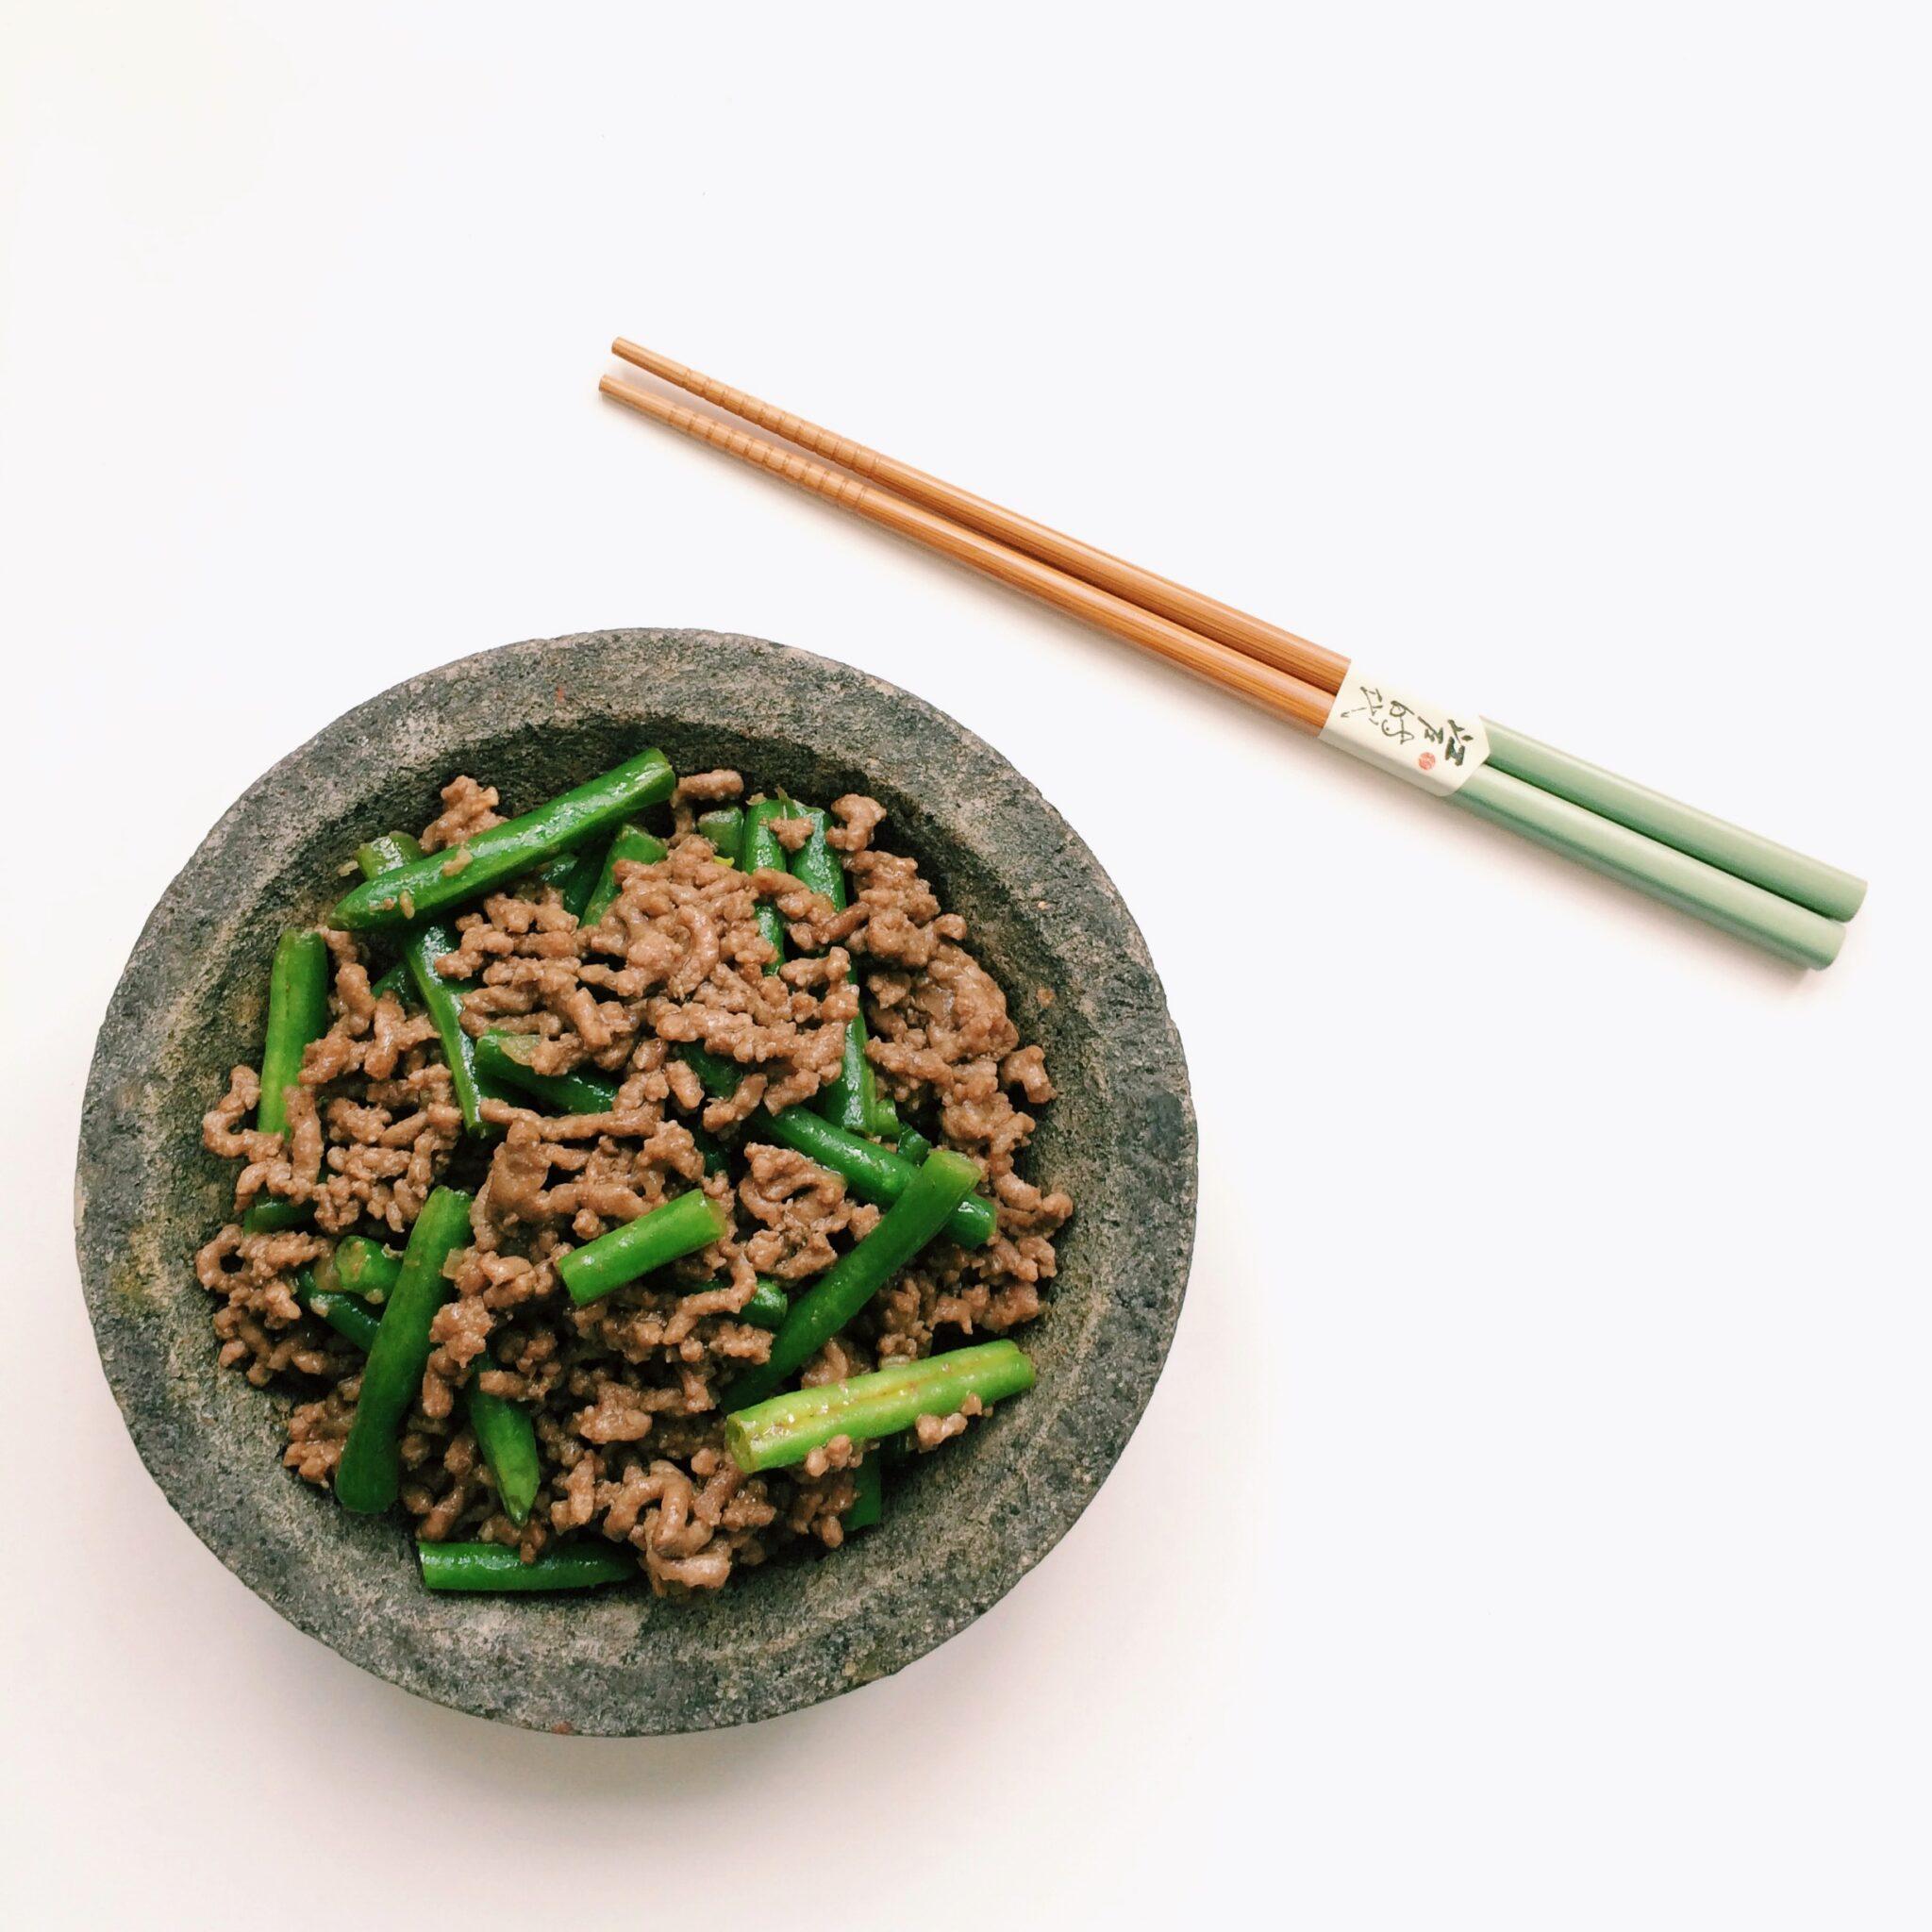 IMG 9629 - Chinees gehakt met sperziebonen